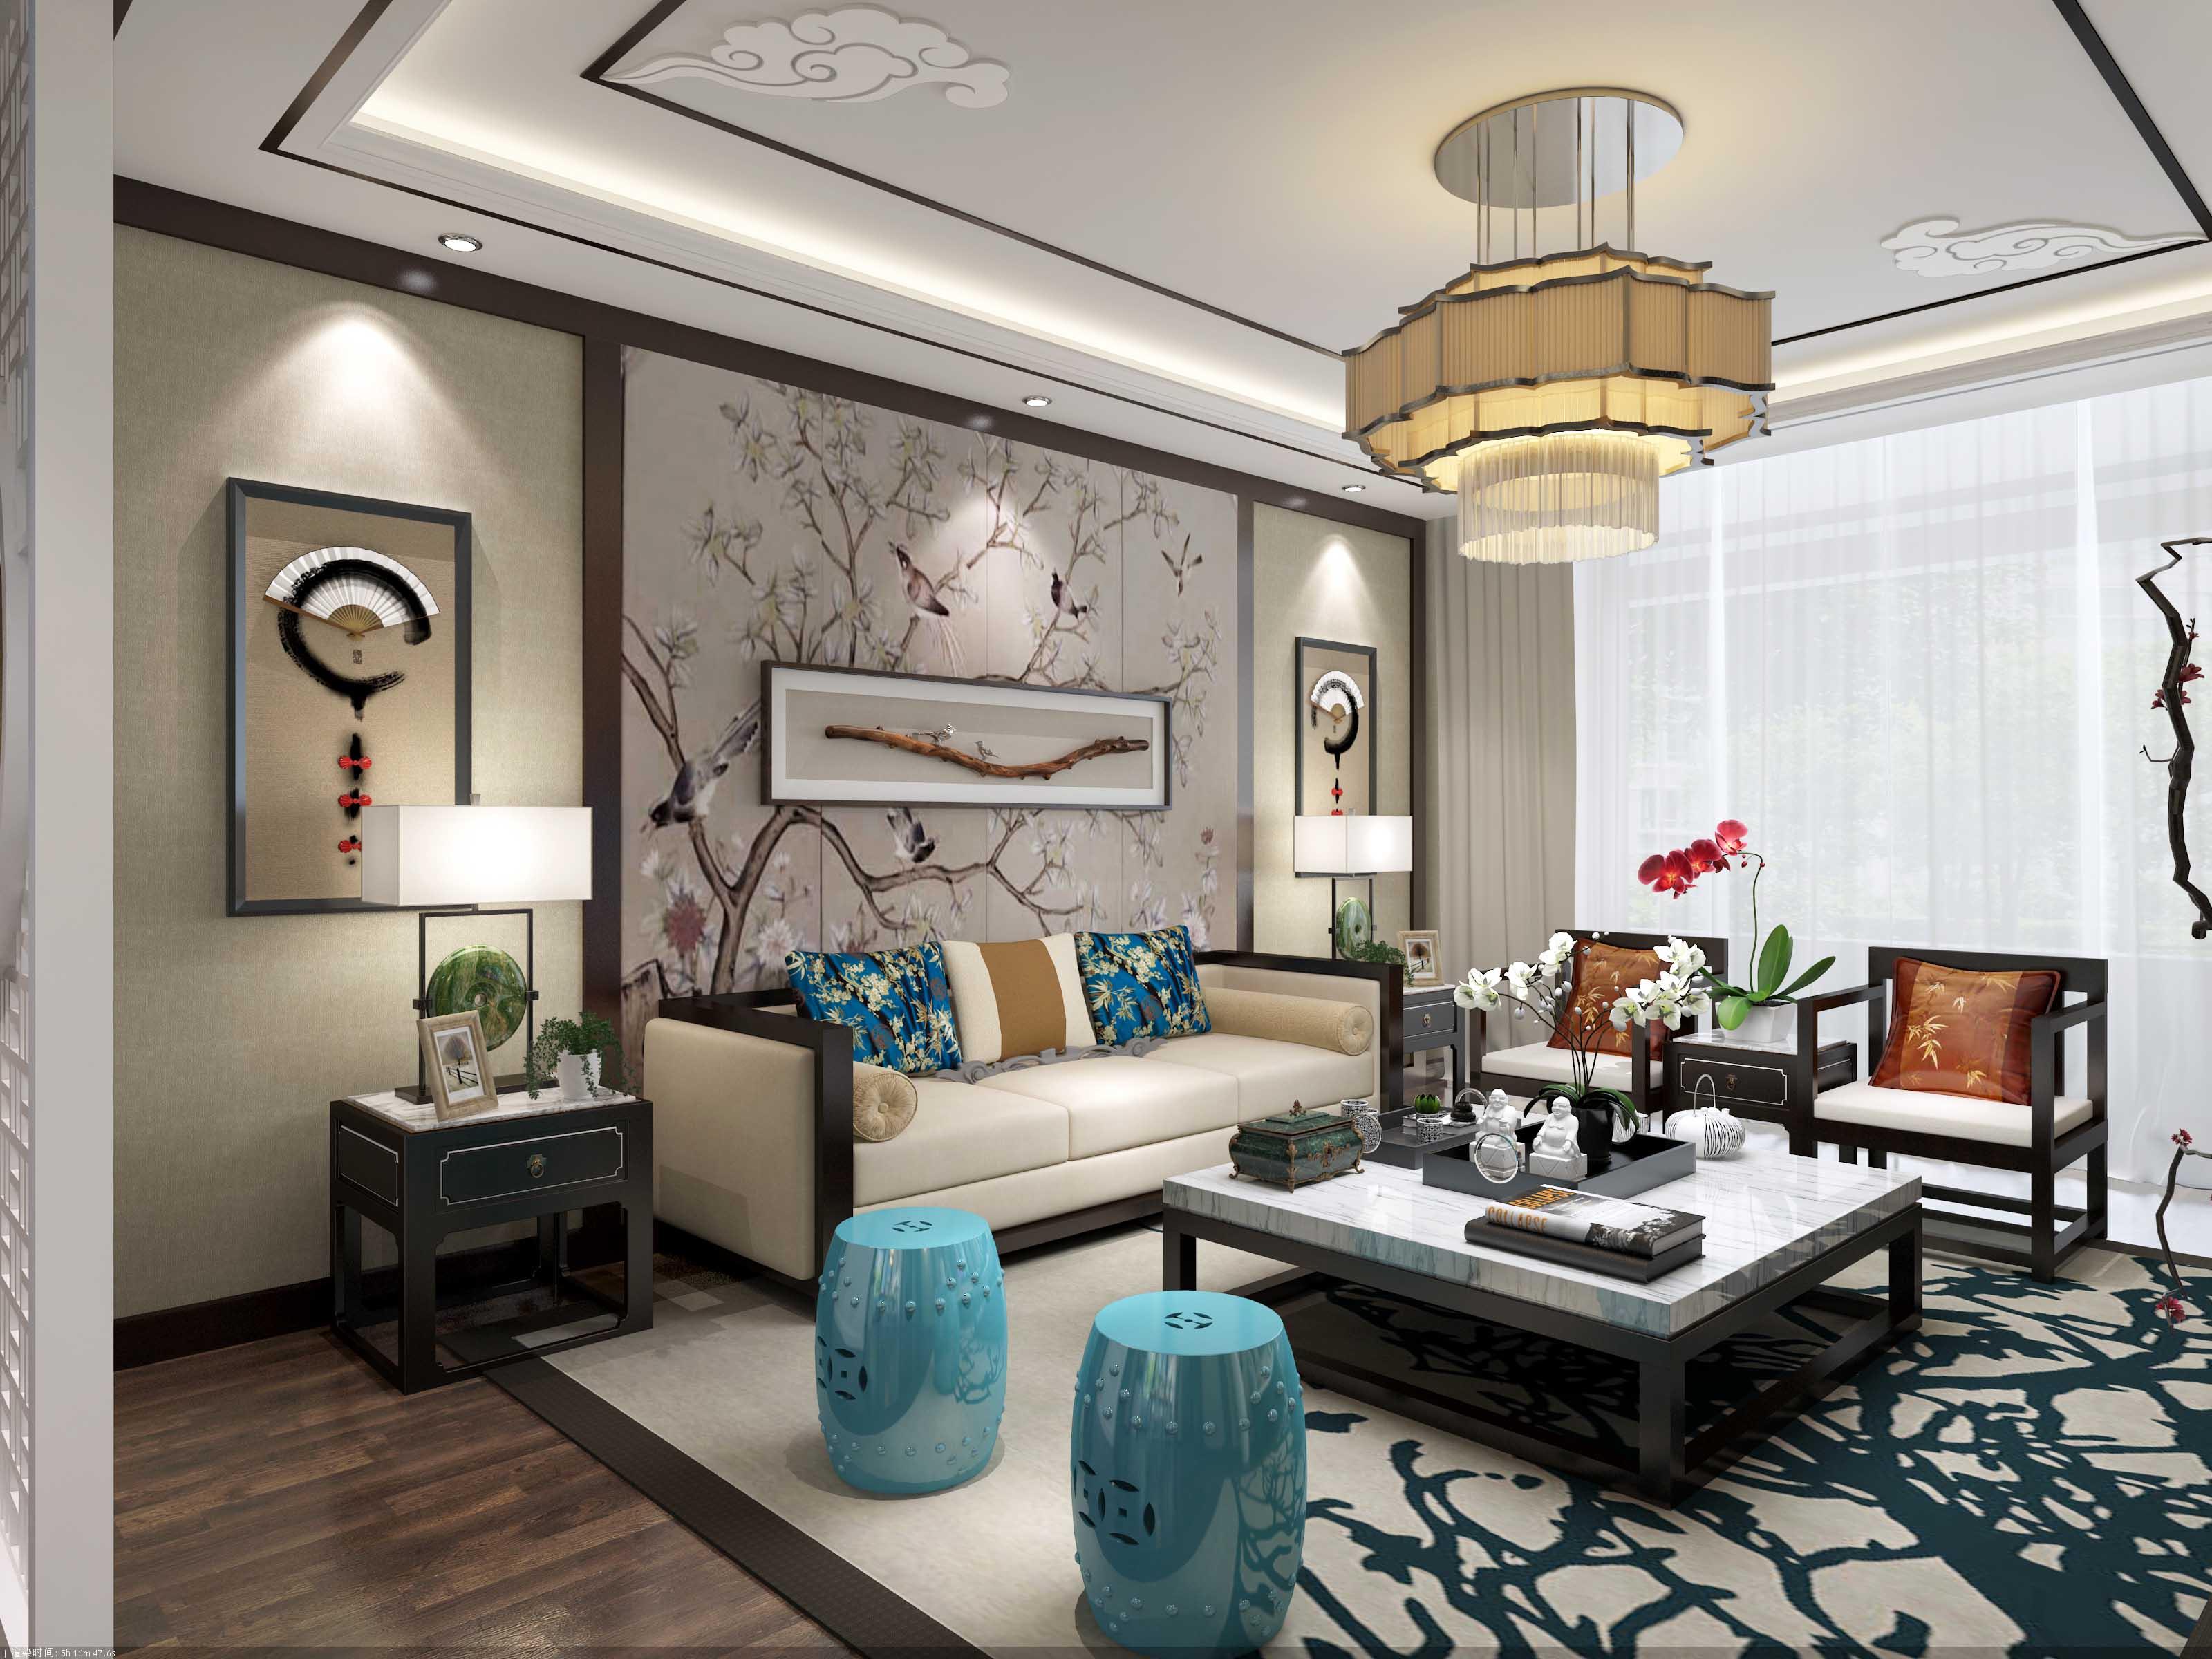 三室两厅装饰费用明细 三室两厅装饰技巧